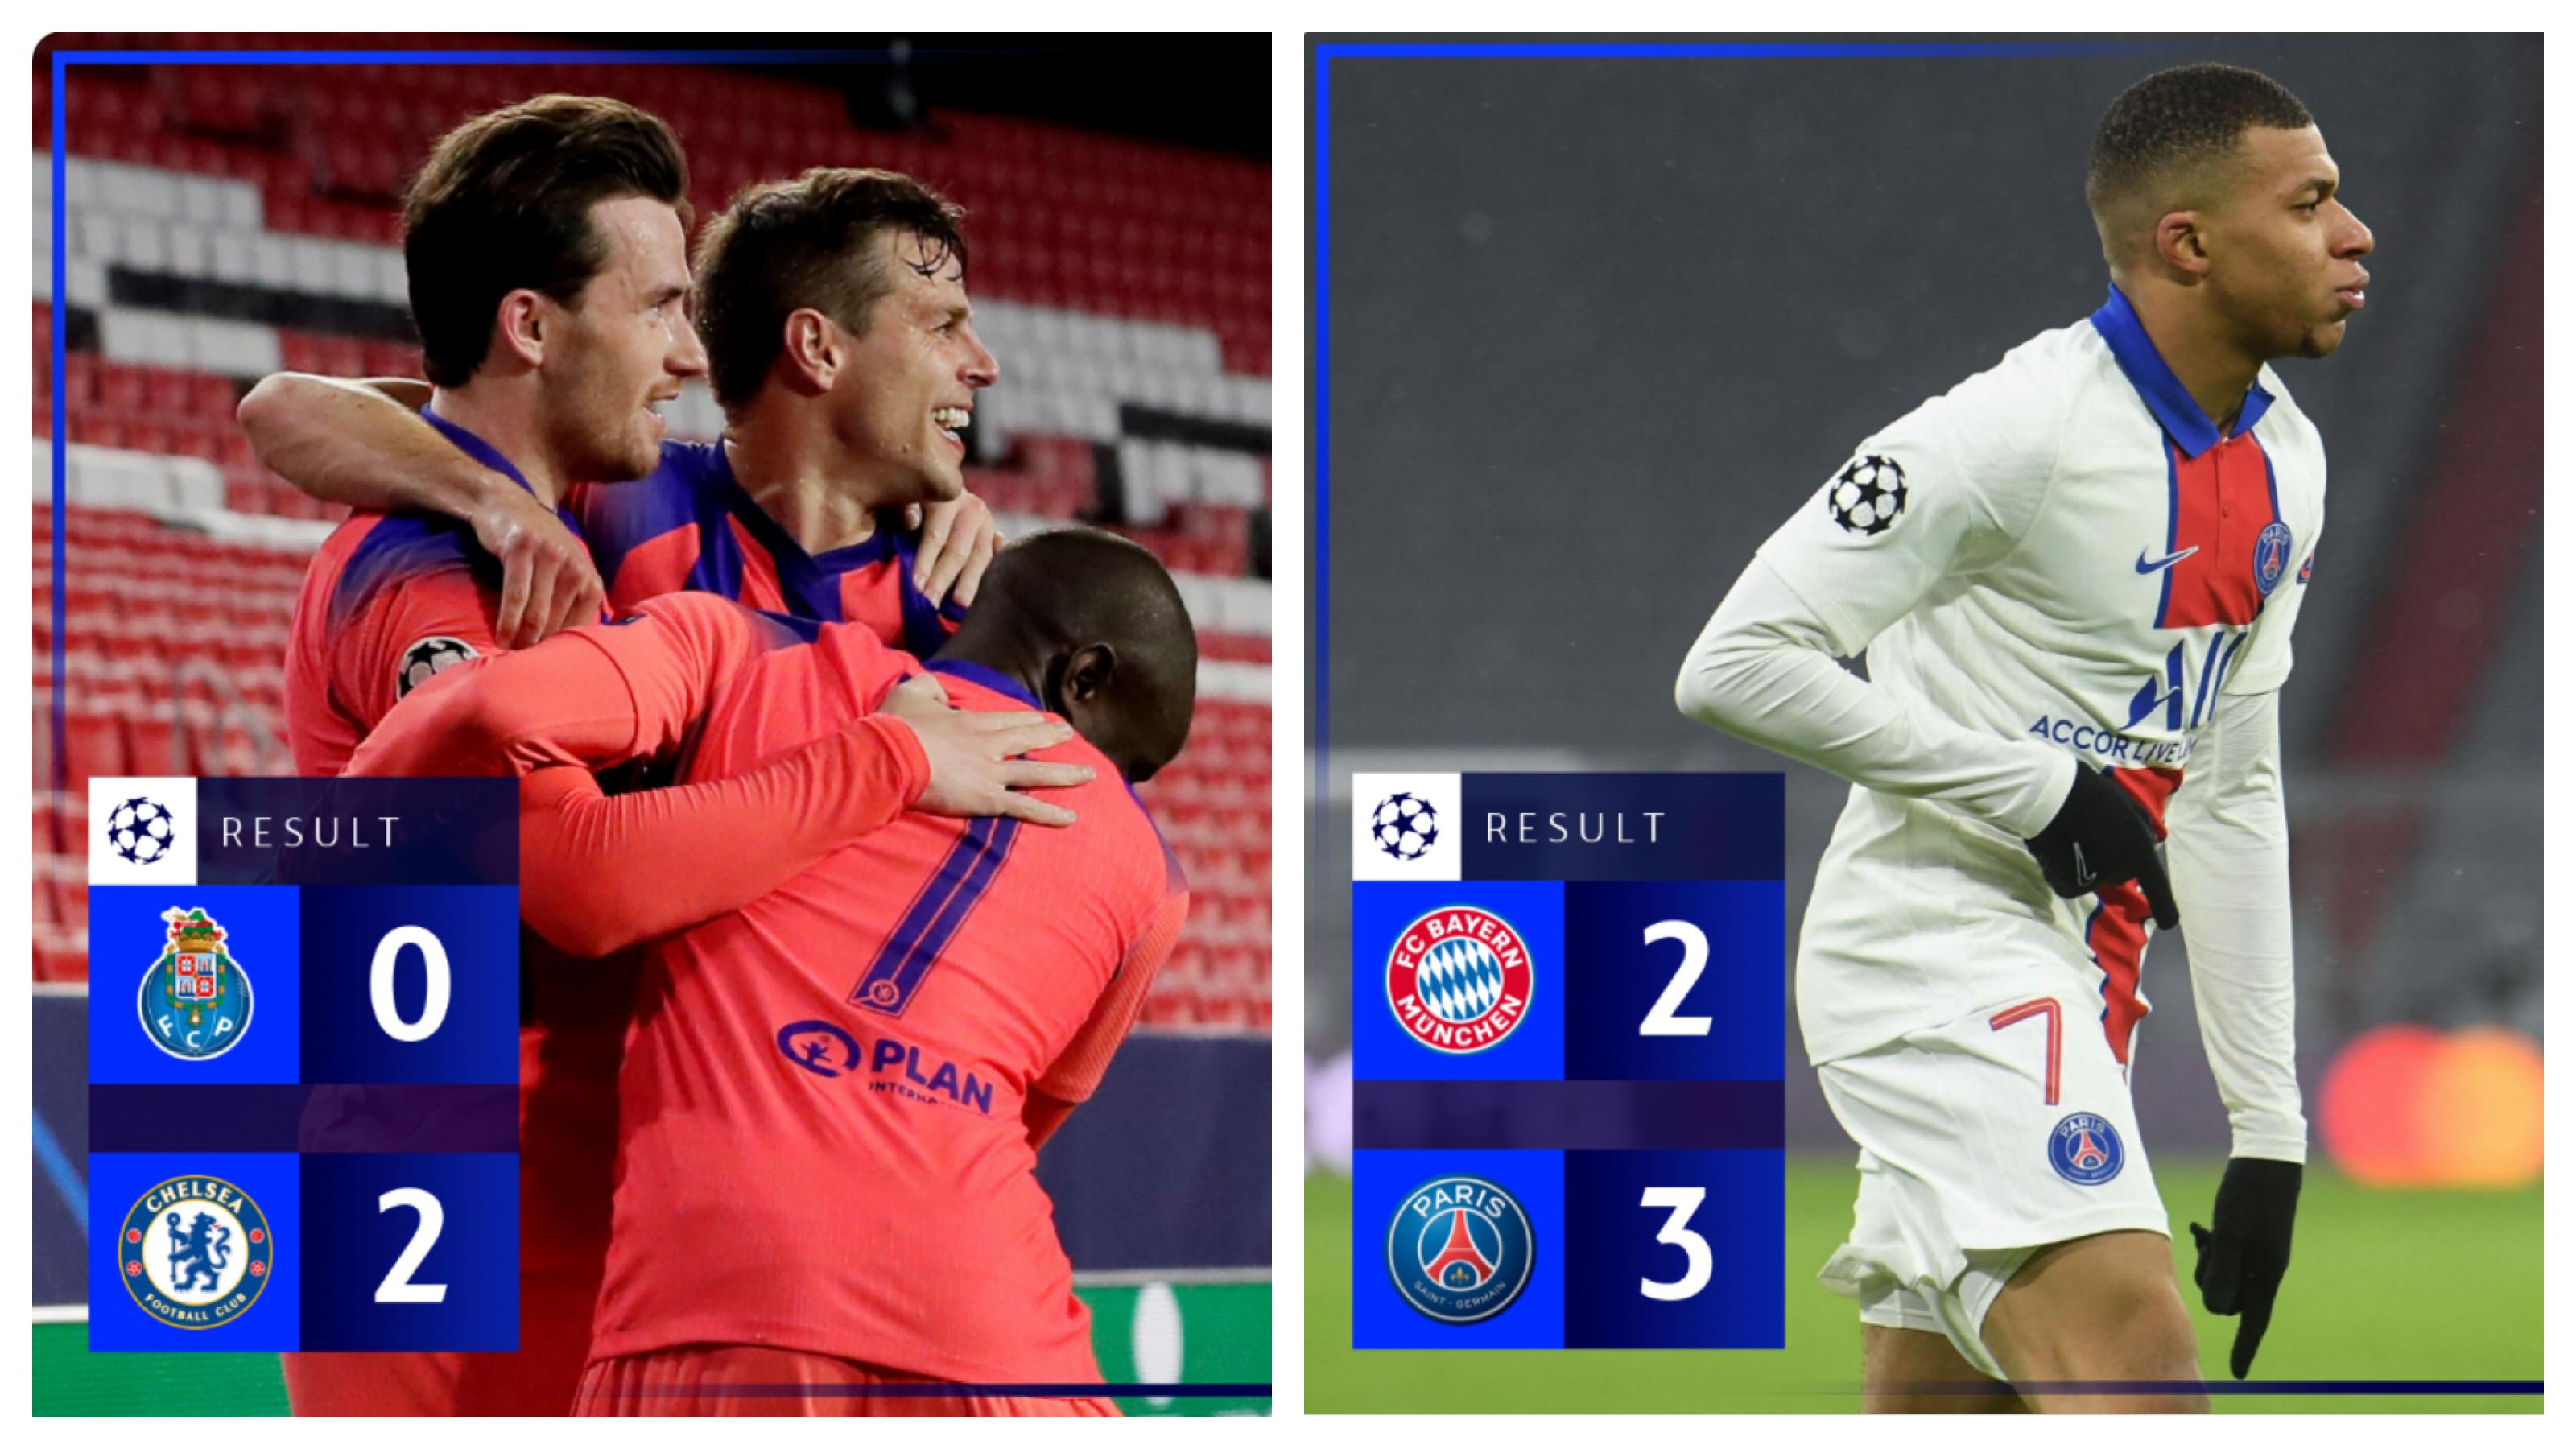 Liga šampiona: Velika pobeda Parižana nad Bajernom i rutina Čelsija protiv Portoa